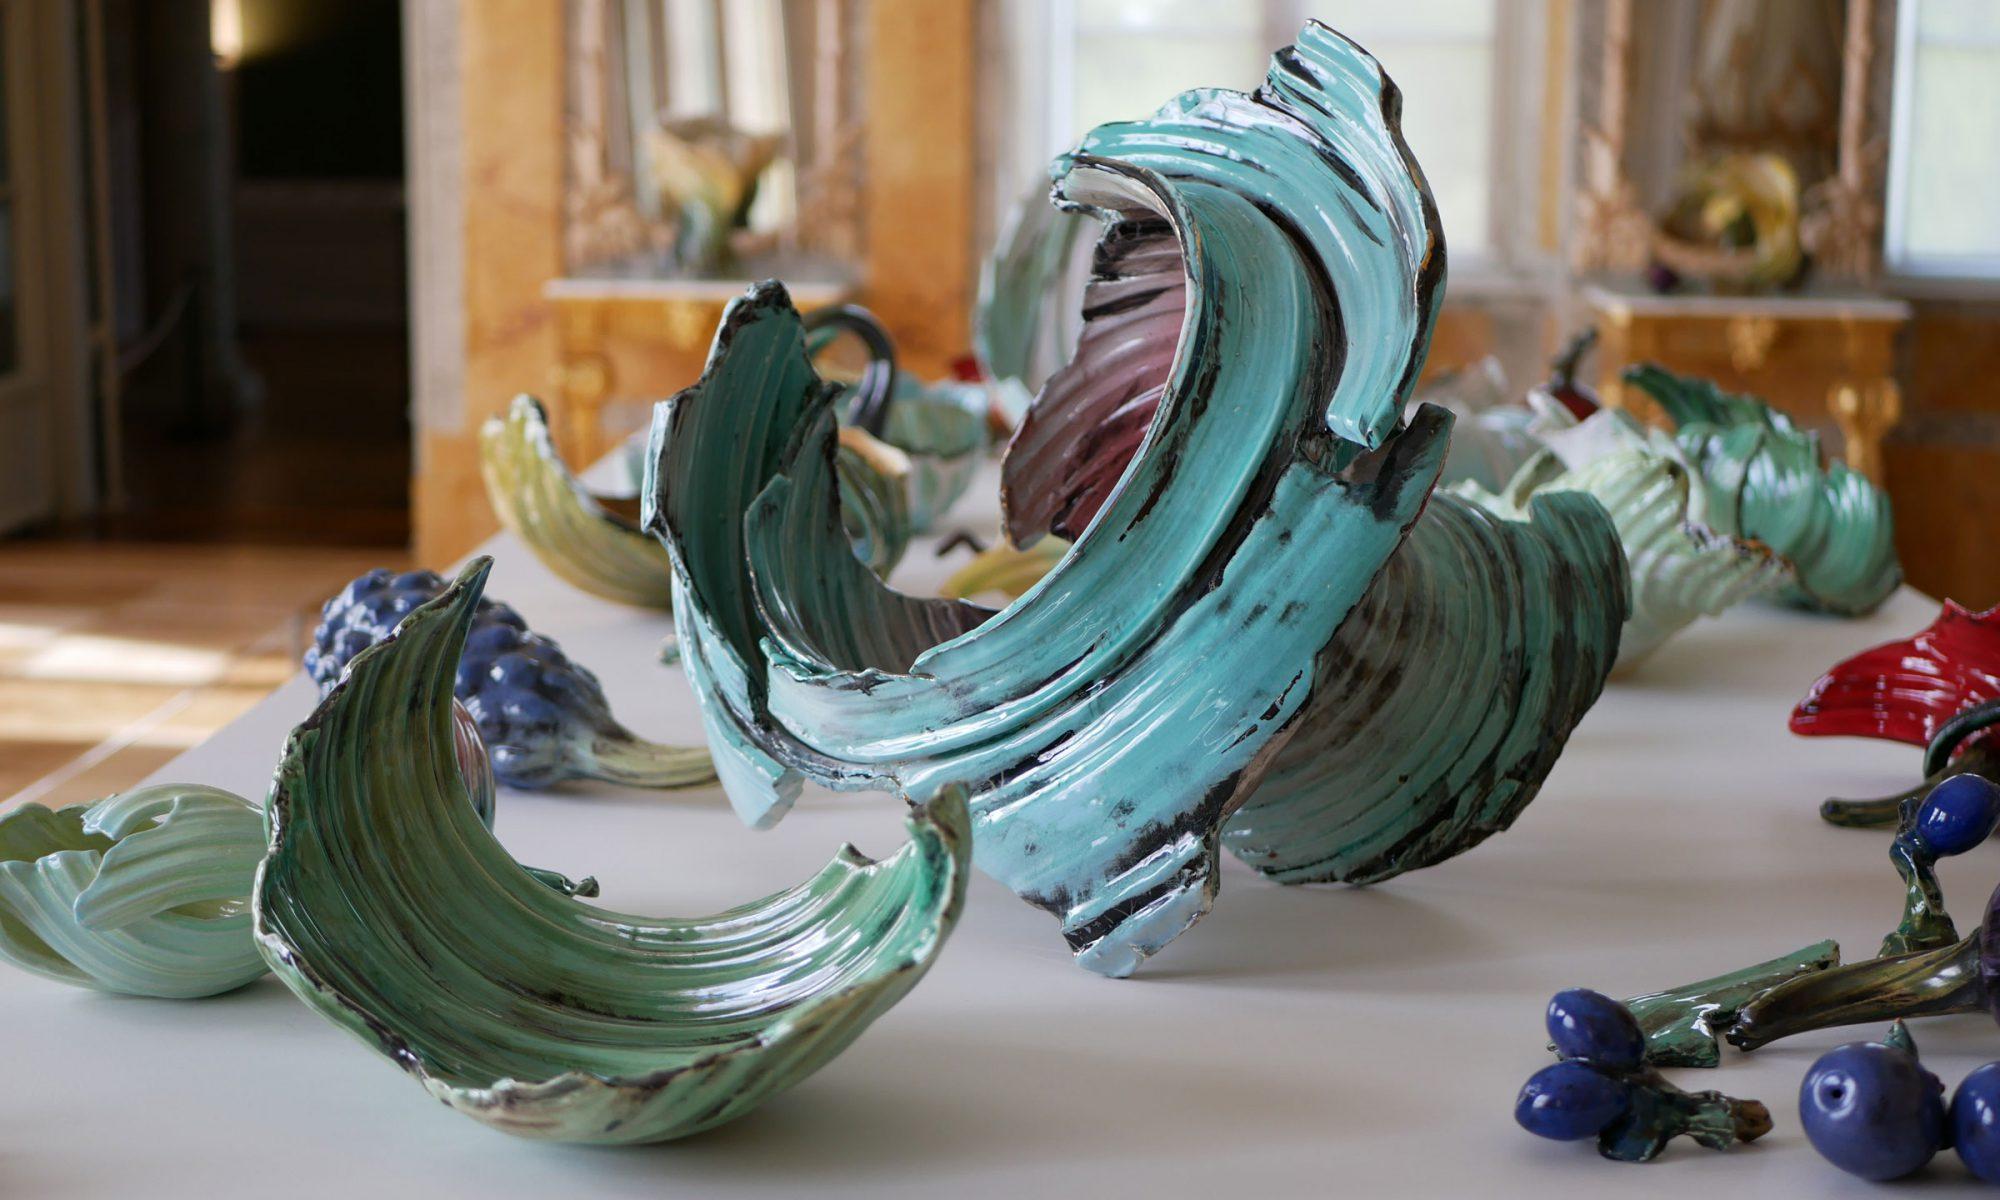 Karl Fulle Keramik